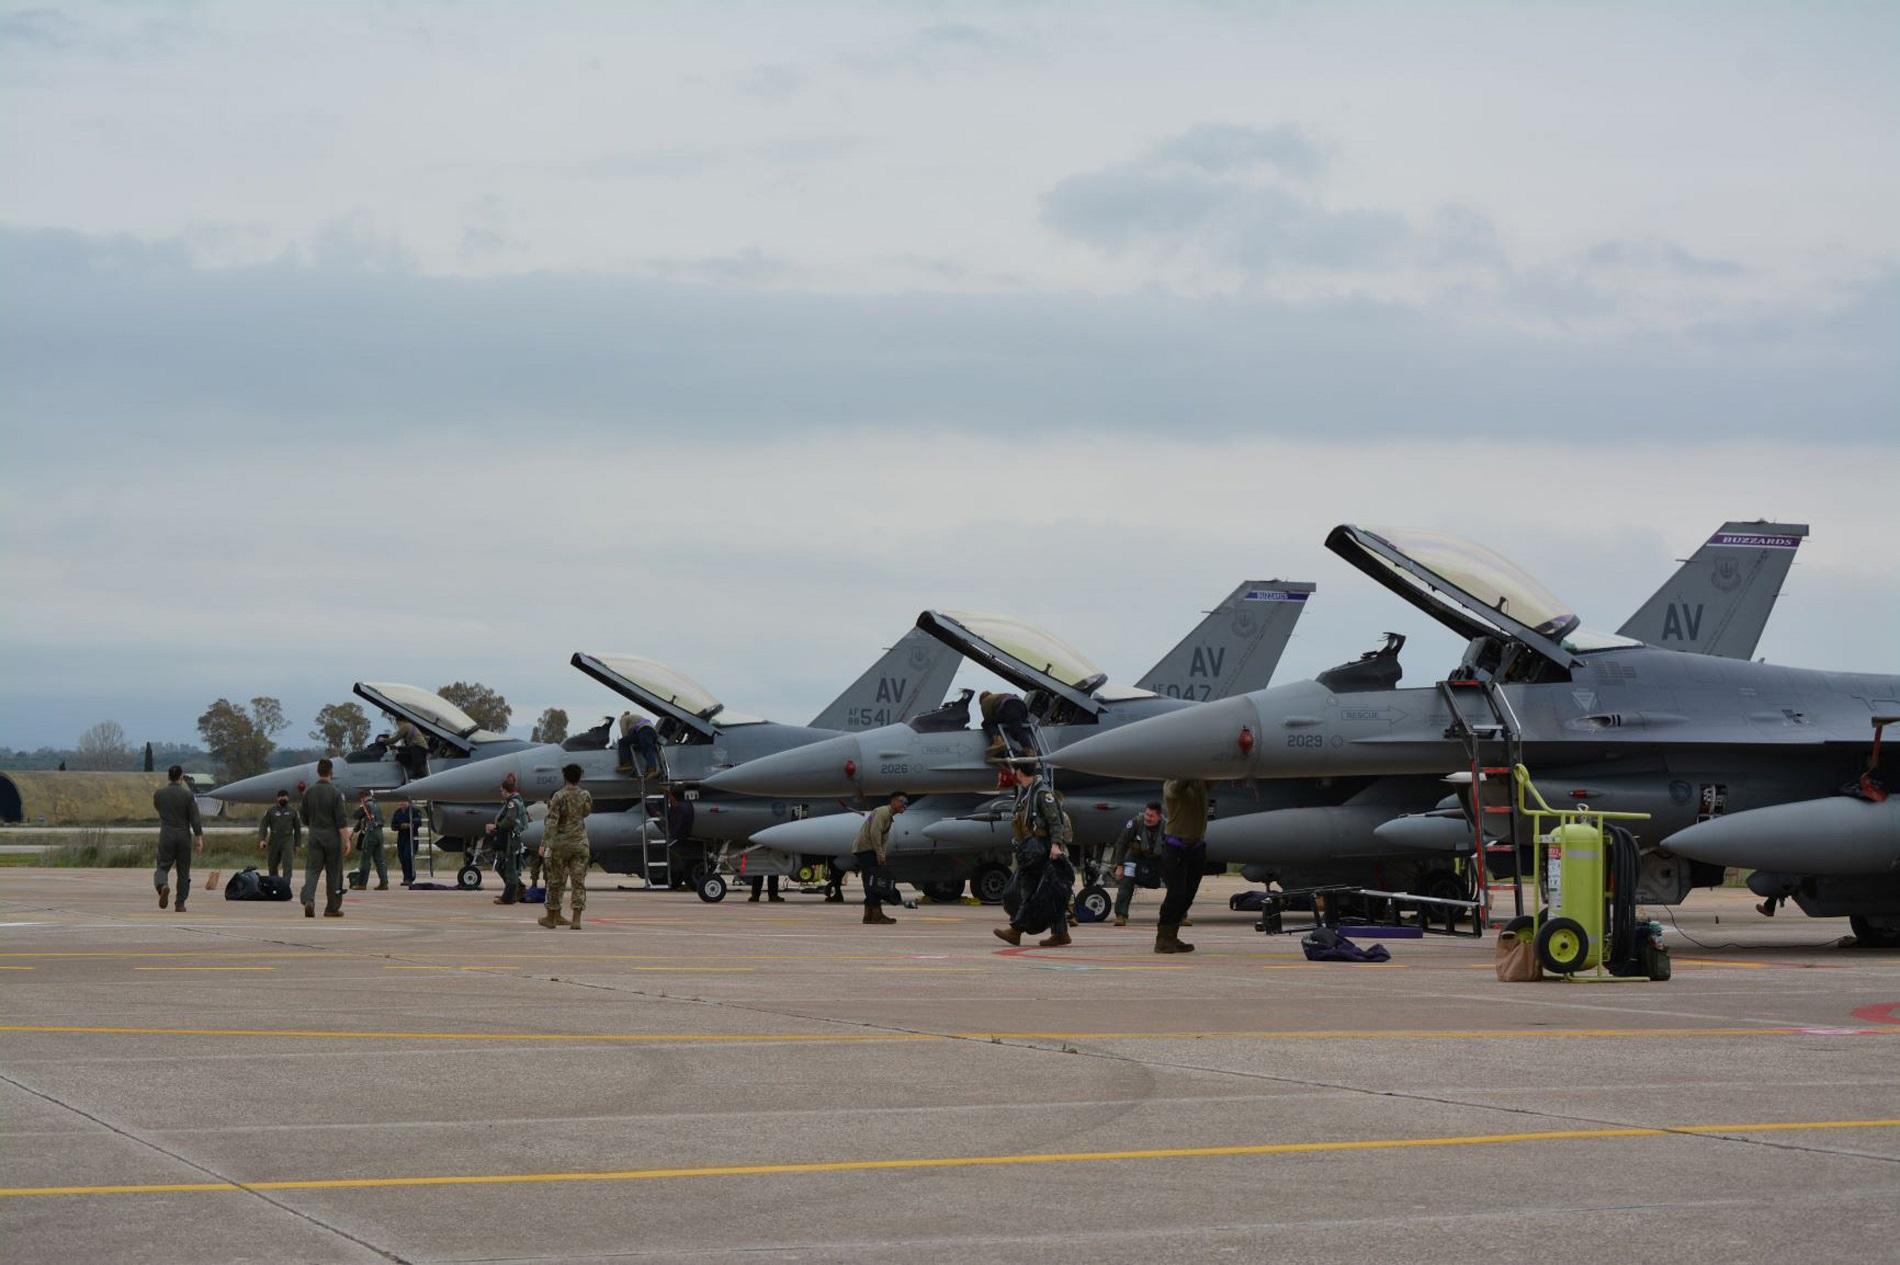 """Στην αεροπορική βάση της Ανδραβίδας ο πρωθυπουργός για την άσκηση """"Ηνίοχος"""""""